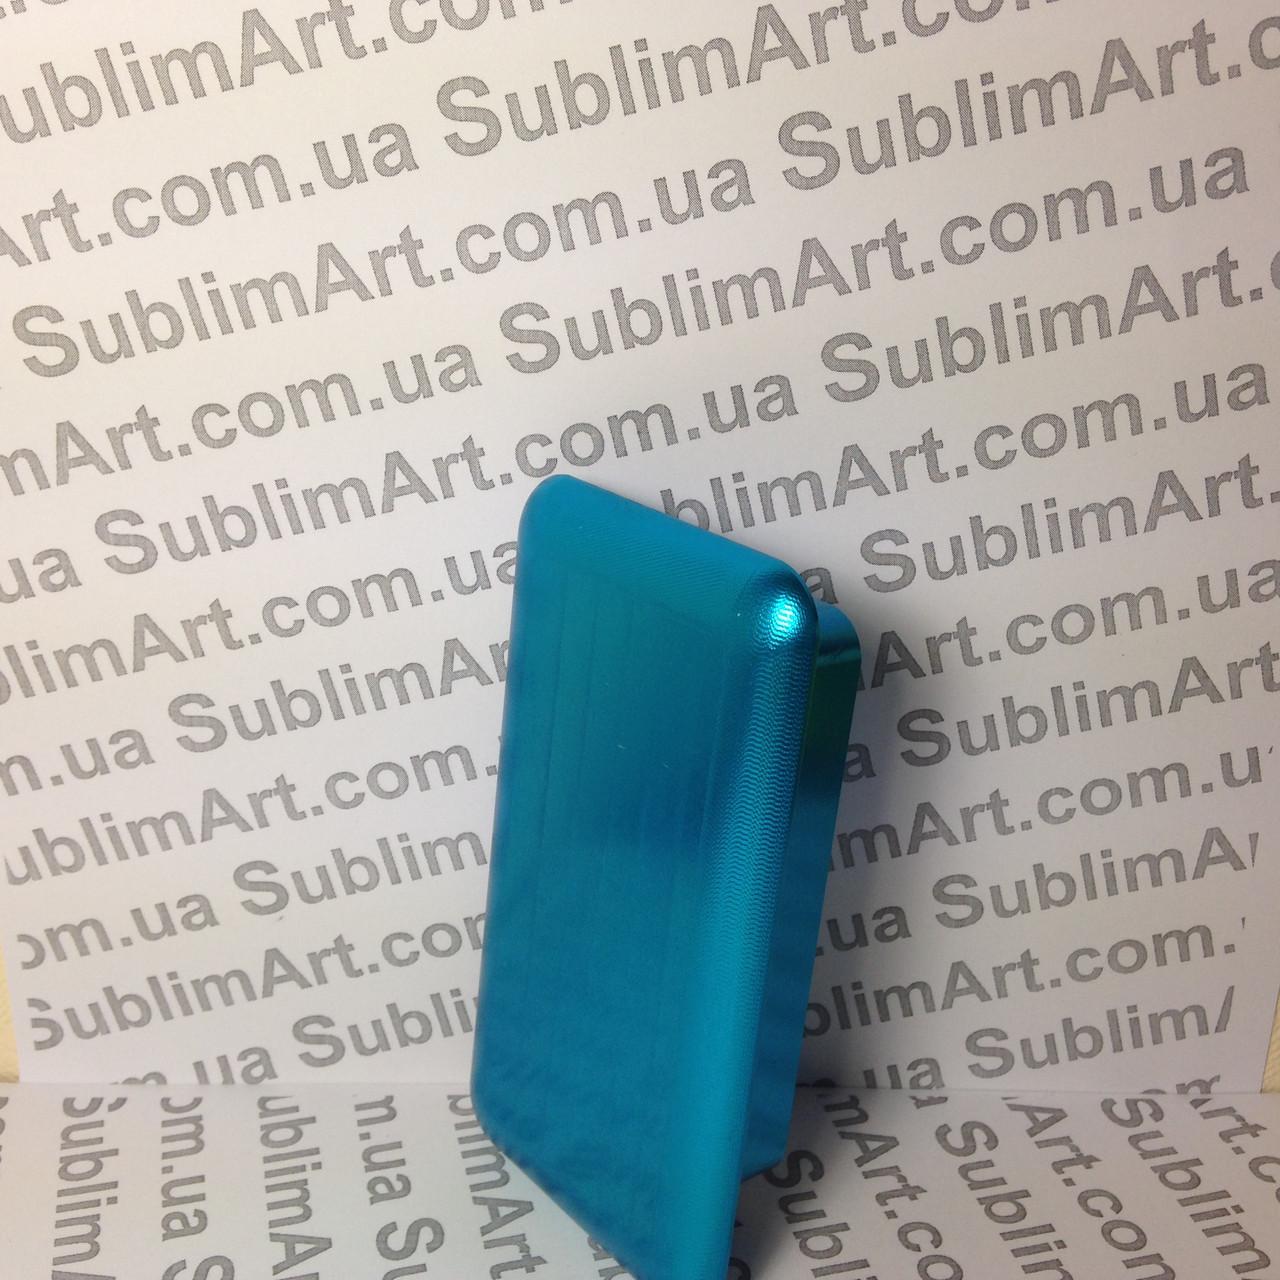 Форма для 3D сублимации на чехлах под Ipod Touch 4